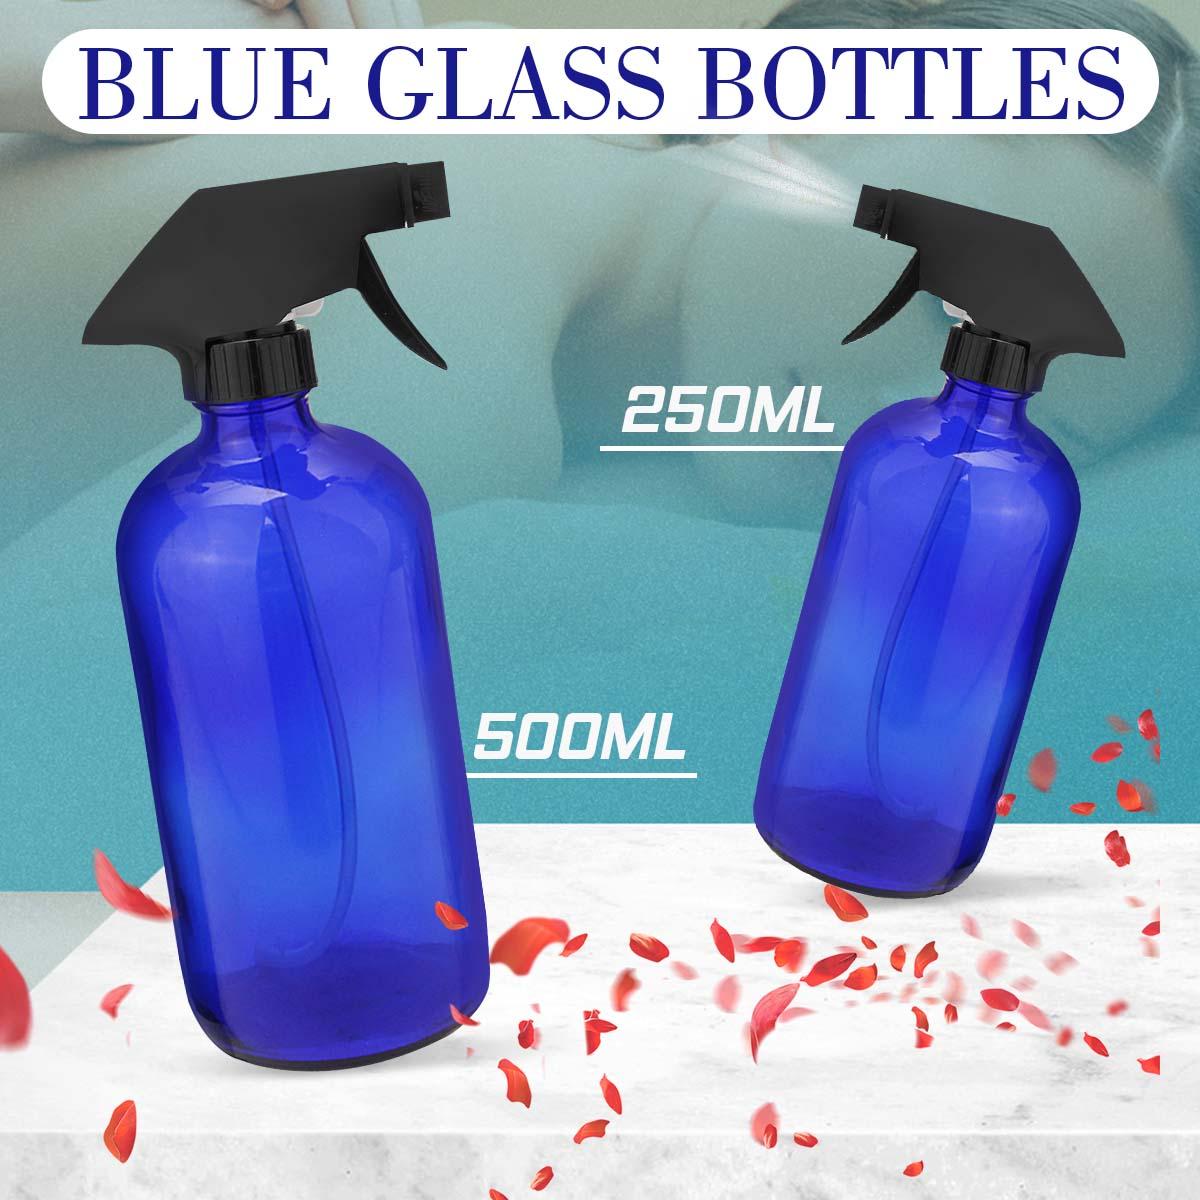 250/500ml garrafas de vidro azuis do pulverizador com óleo essencial do pulverizador do disparador aromaterapia recipiente cosmético vazio limpeza jardinagem